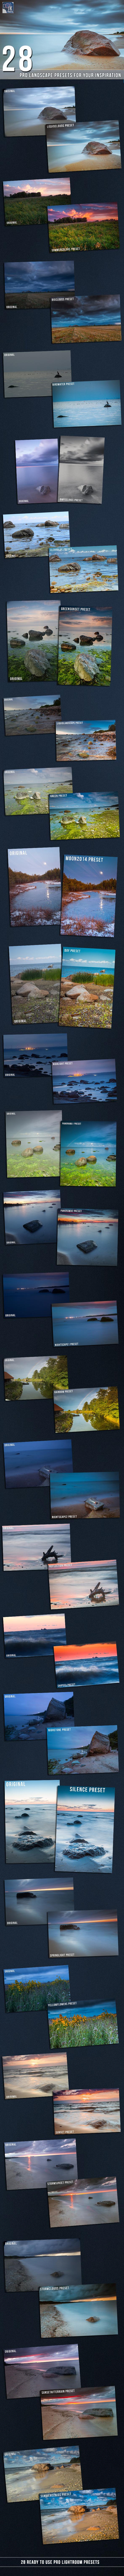 28 Pro Landscape Presets - Lightroom Presets Add-ons